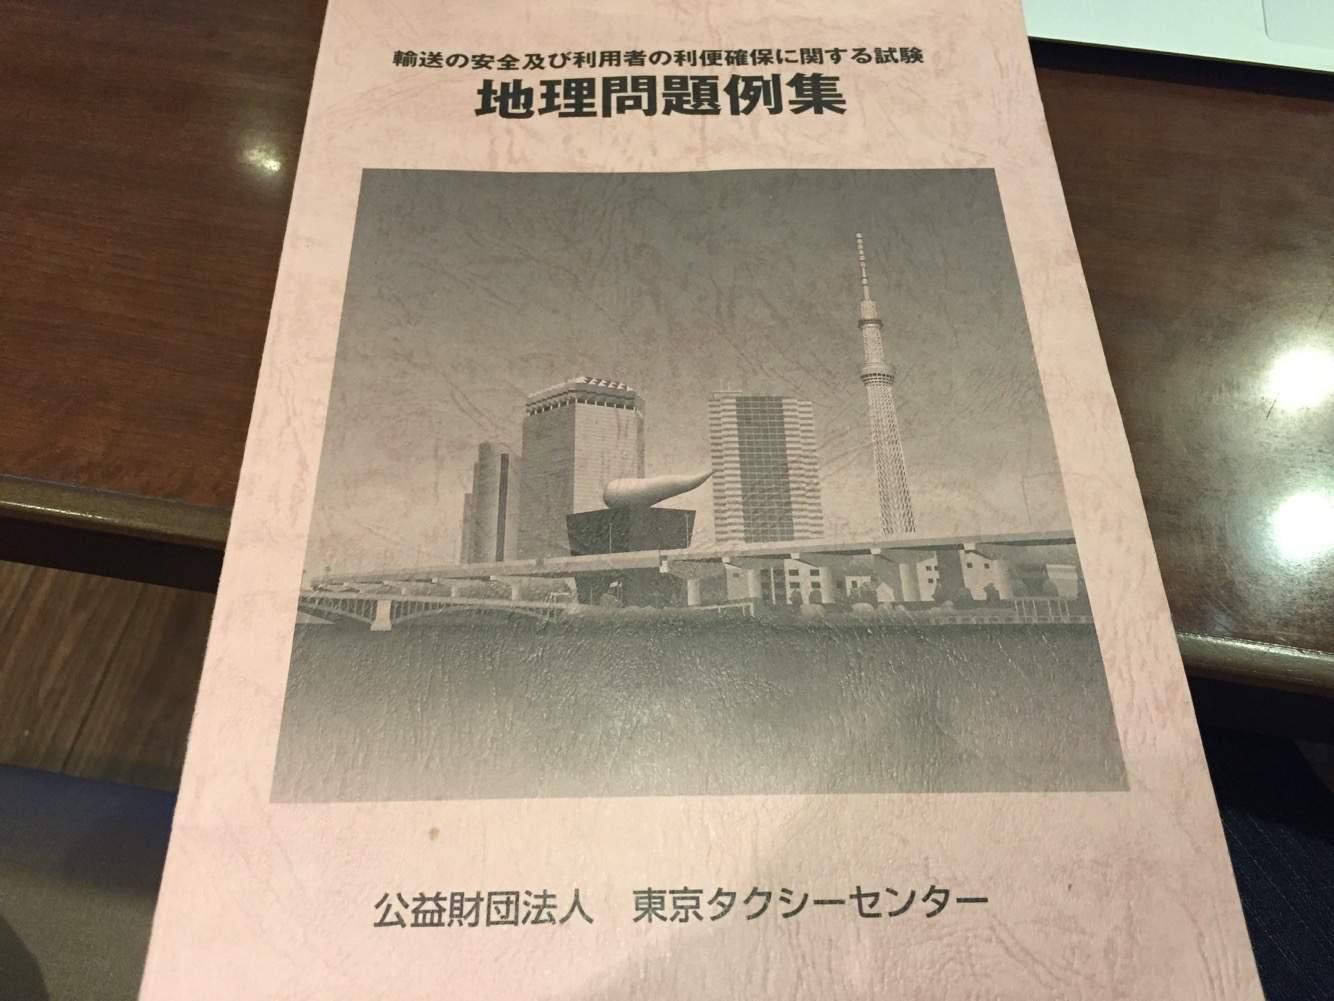 【東京23区+αの地理の覚え方その1】まずは23区+αの名前と場所を覚えよう!【地理試験対策】